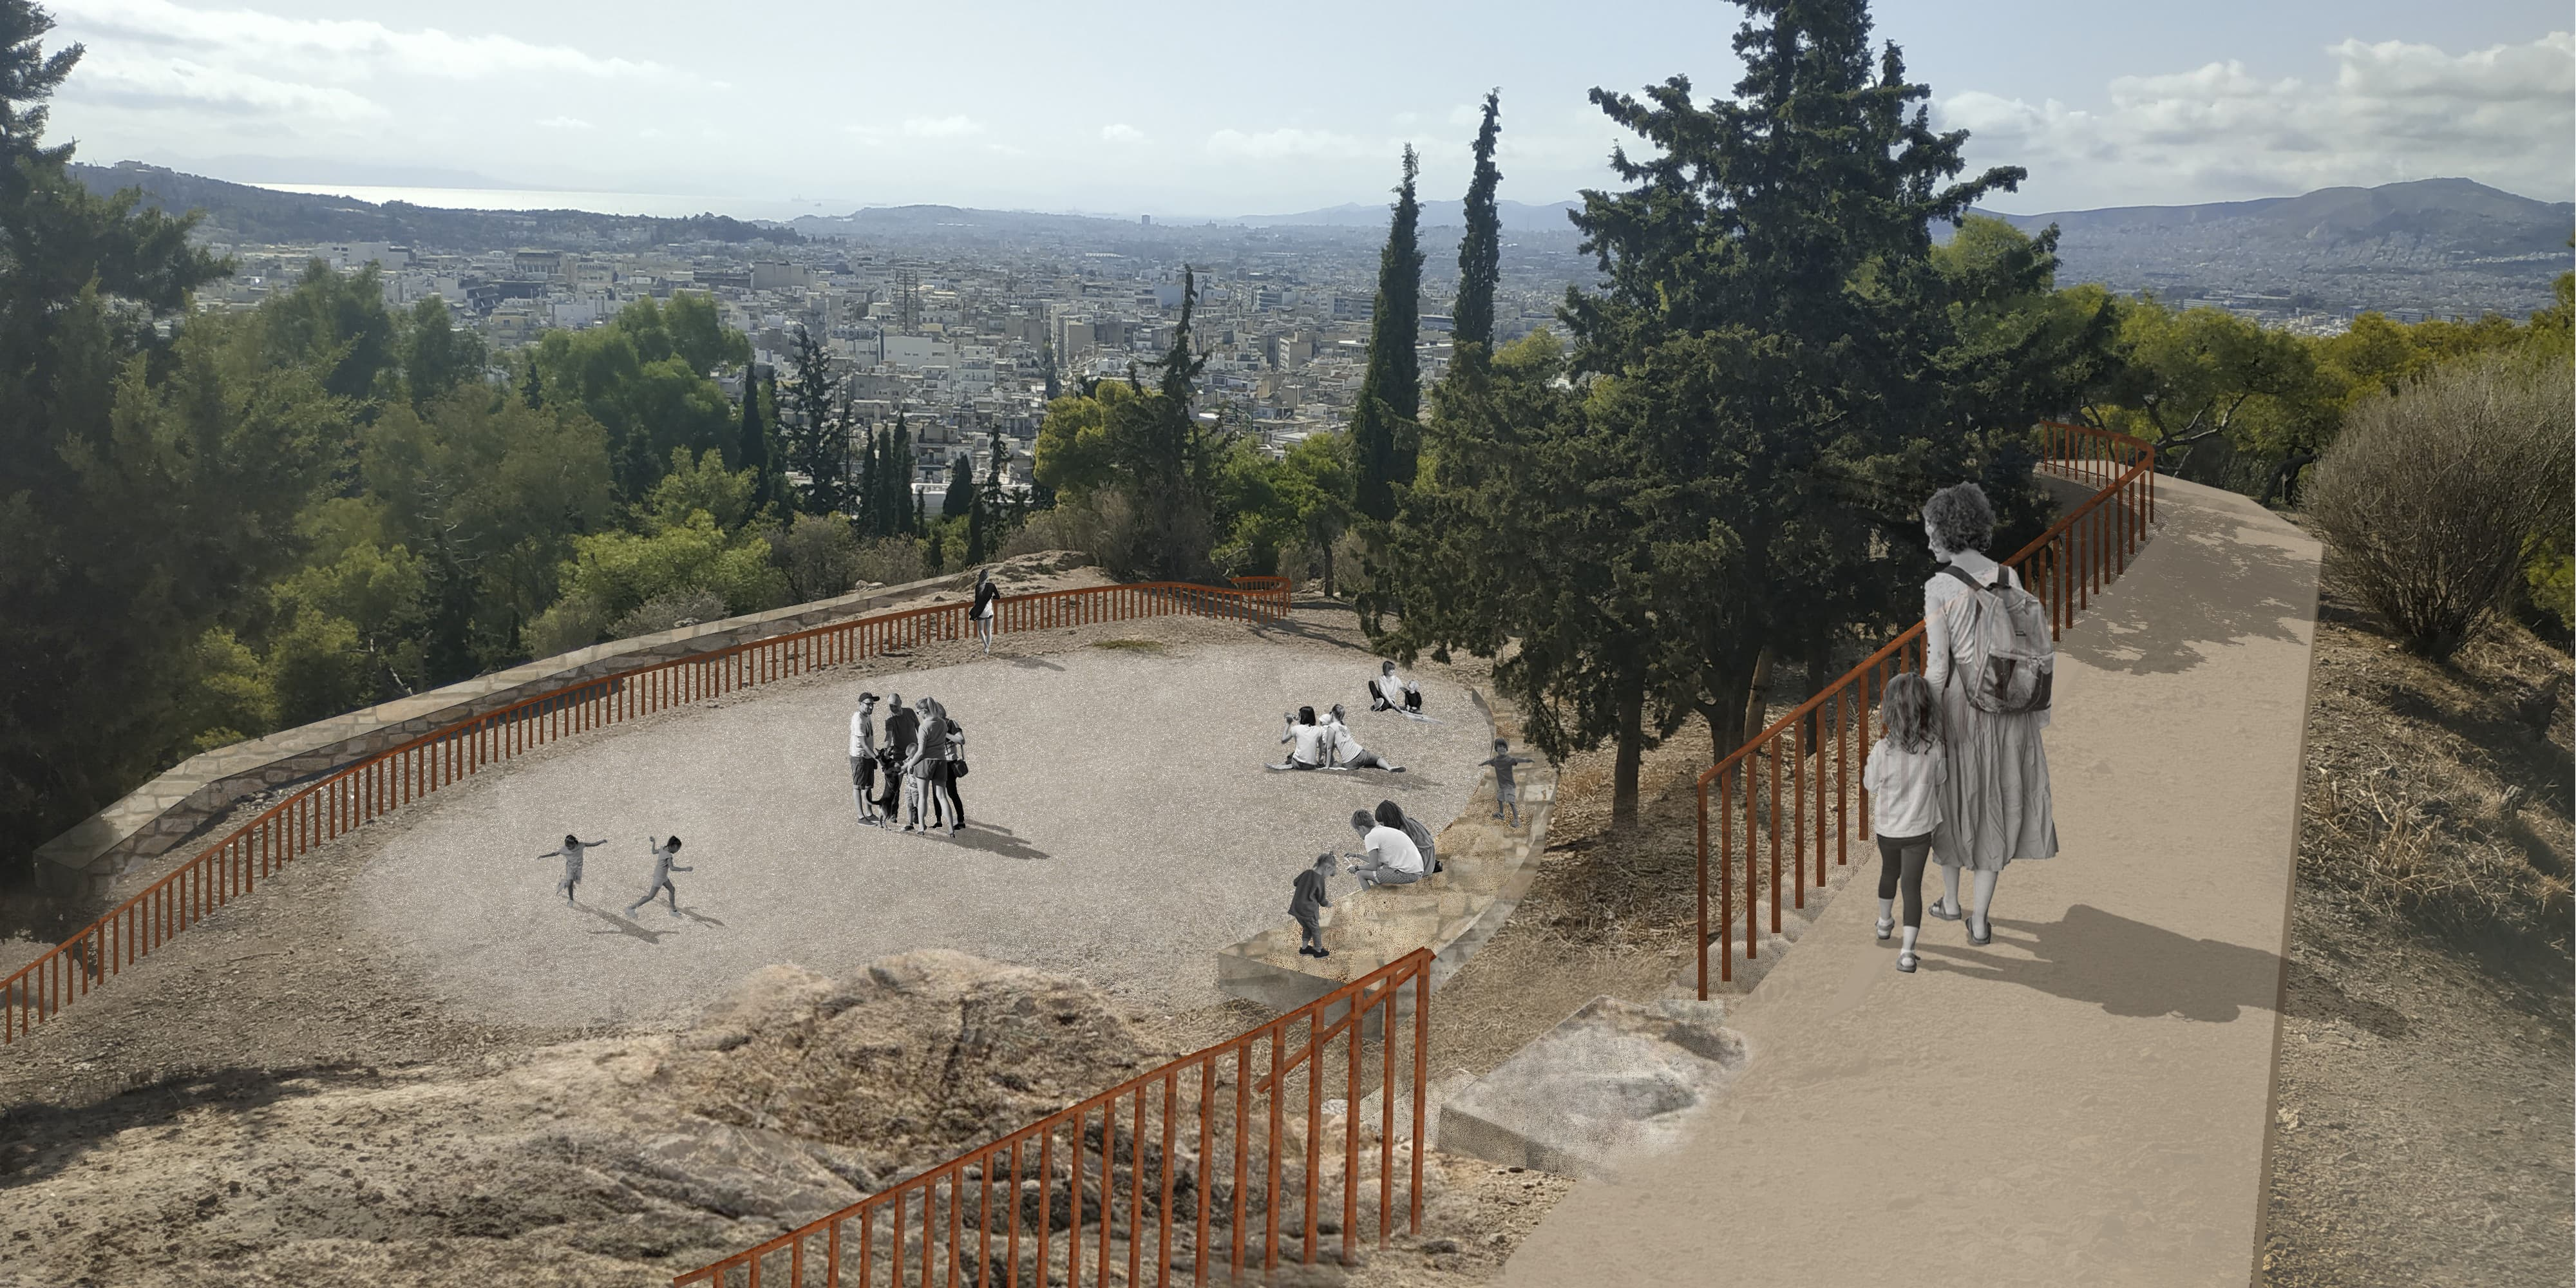 Υιοθέτησε την πόλη σου»: Αλλάζει όψη ο λόφος του Στρέφη -Οσα ετοιμάζει ο δήμος Αθηναίων στην περιοχή [εικόνες] | ΕΛΛΑΔΑ | iefimerida.gr